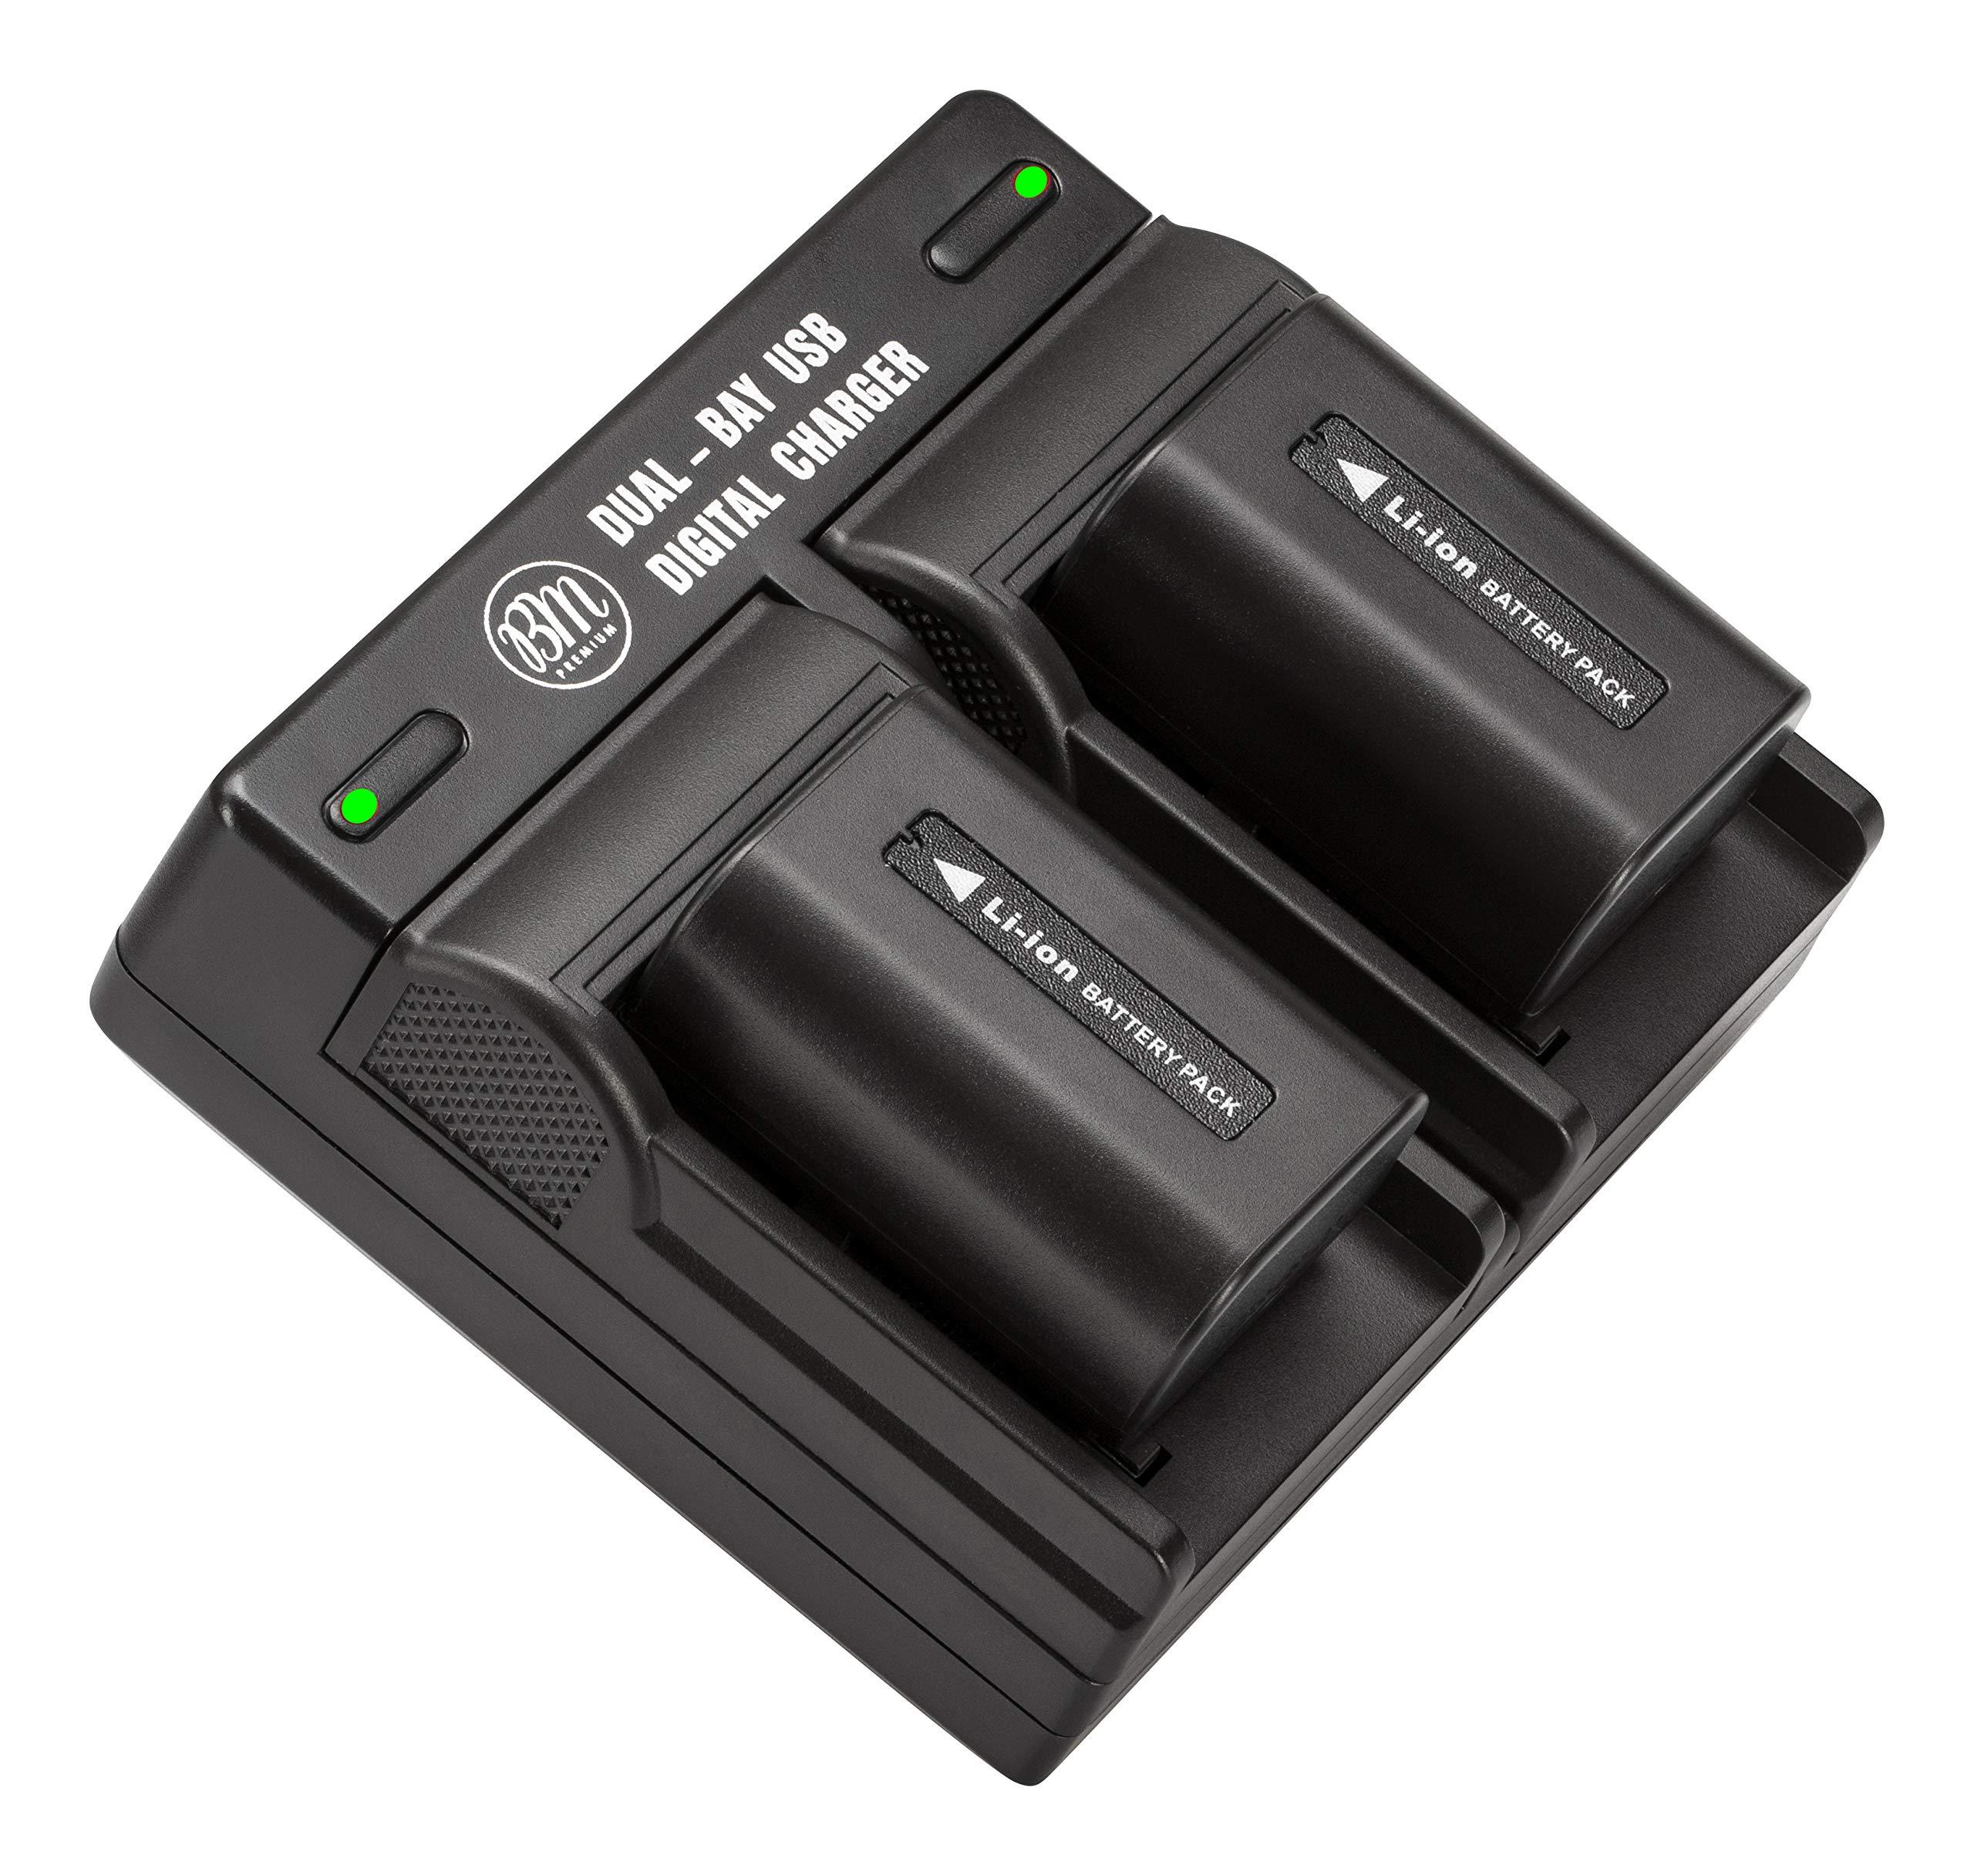 BM Premium 2 NP-FV50 Batteries & Dual Battery Charger for Sony FDR-AX53, HDR-CX675/B, CX455/B, CX580V, CX760V, PJ380, PJ430V, PJ540, PJ650V, PV710V, PJ670, PV790V, PJ810, FDR-AX33, FDR-AX100 Camcorder